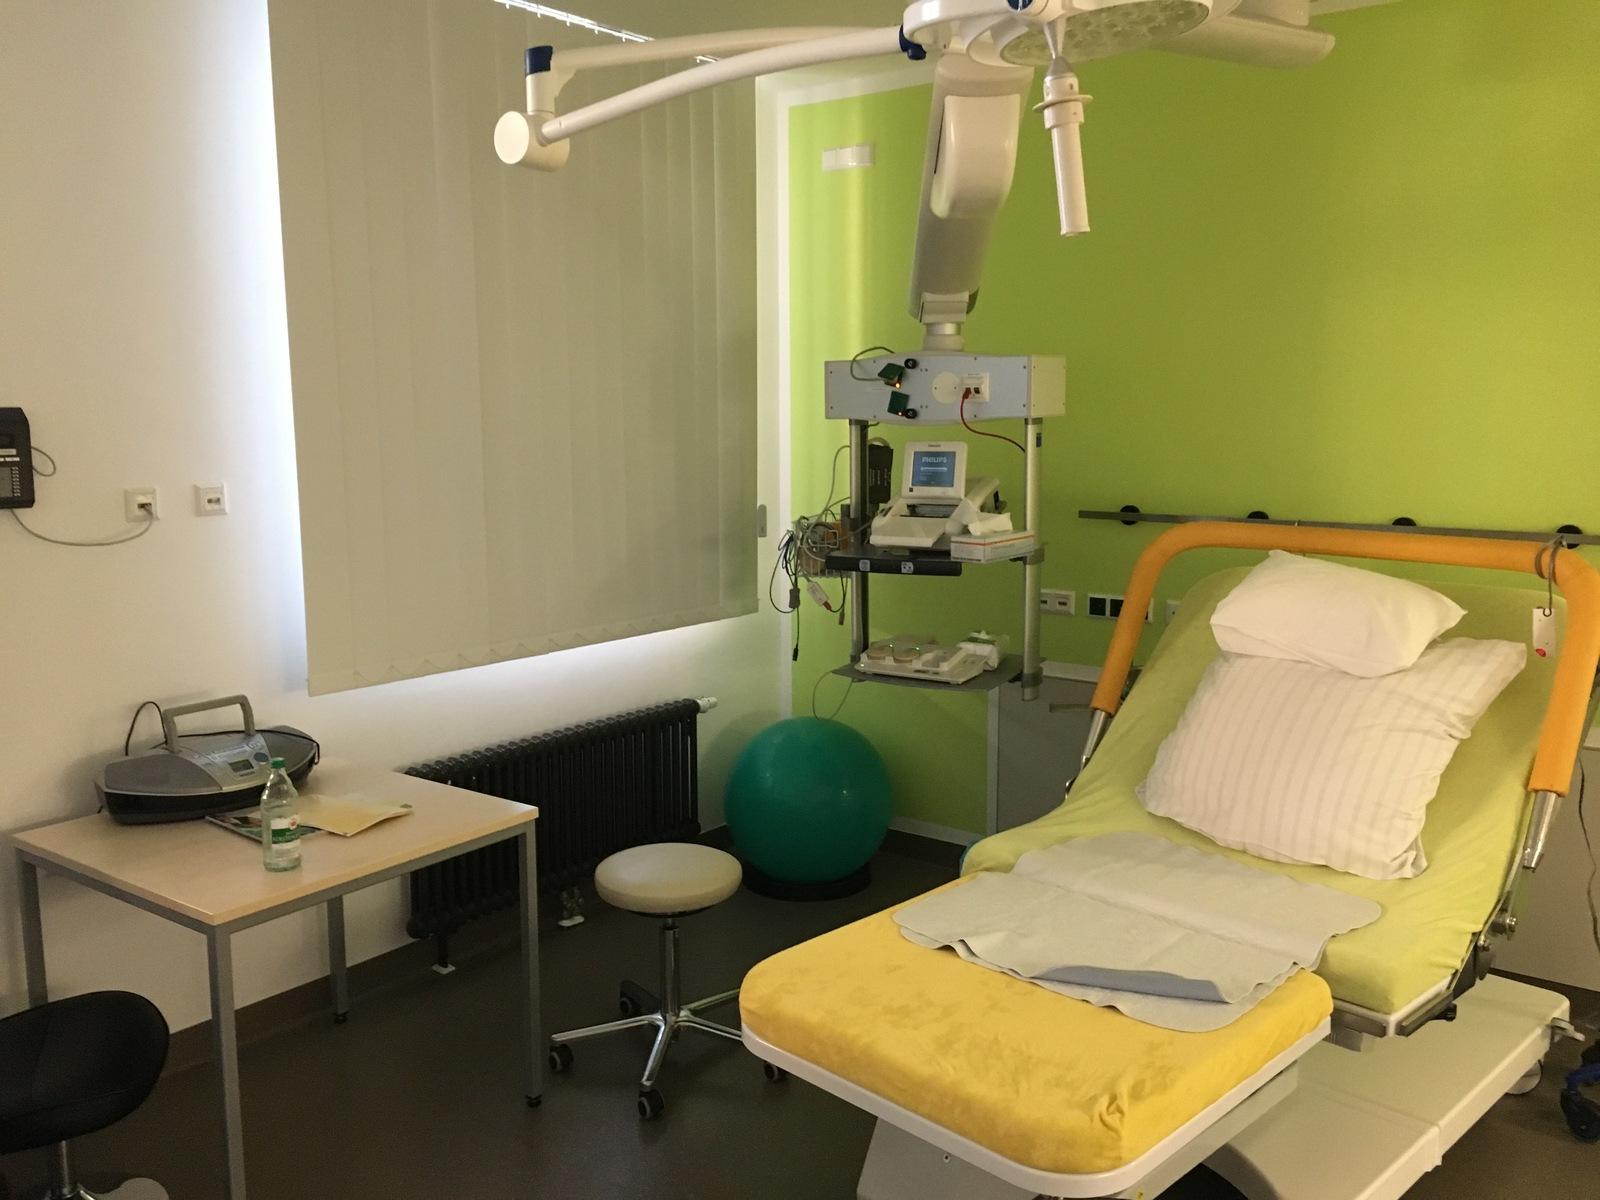 Роды в Германии: опытные врачи, инновационные технологии, качественный уход